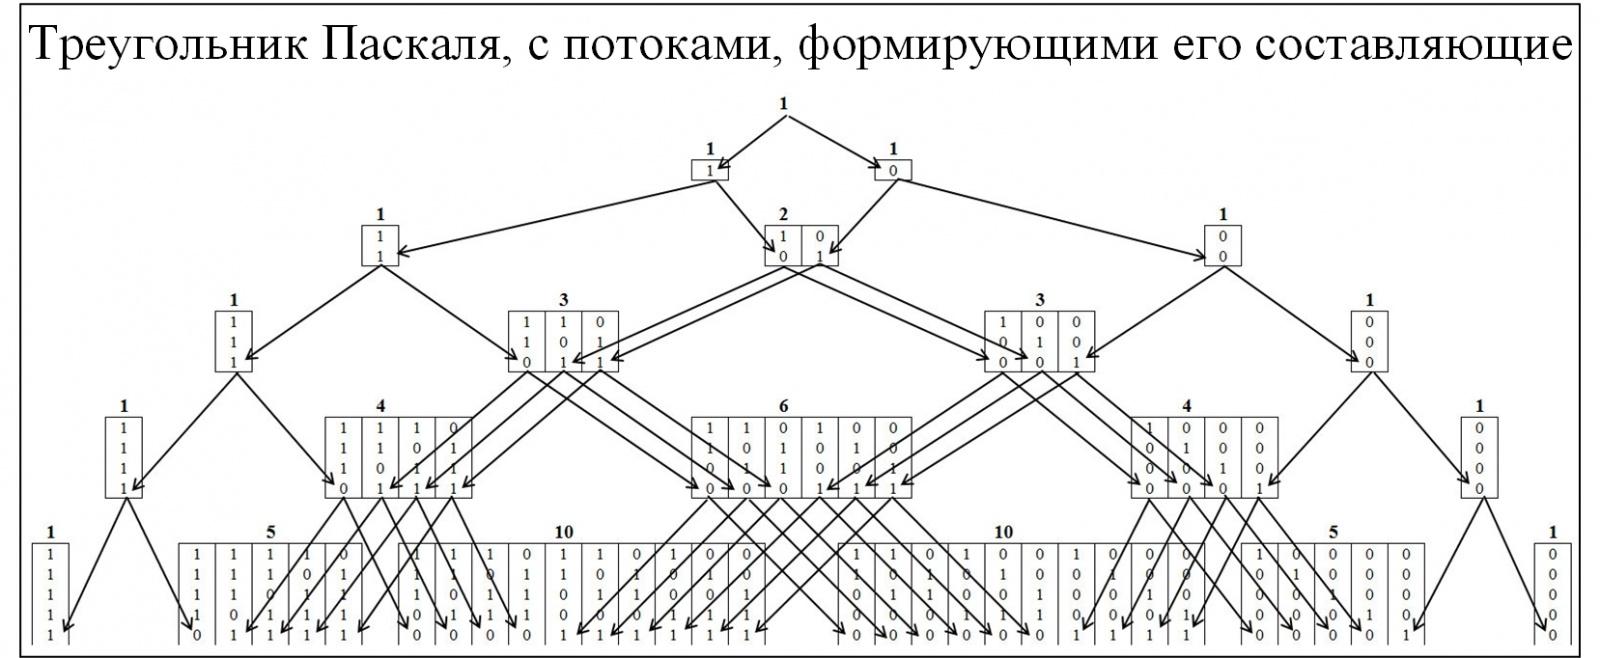 Треугольник Паскаля vs цепочек типа «000…-111…» в бинарных рядах и нейронных сетях - 2